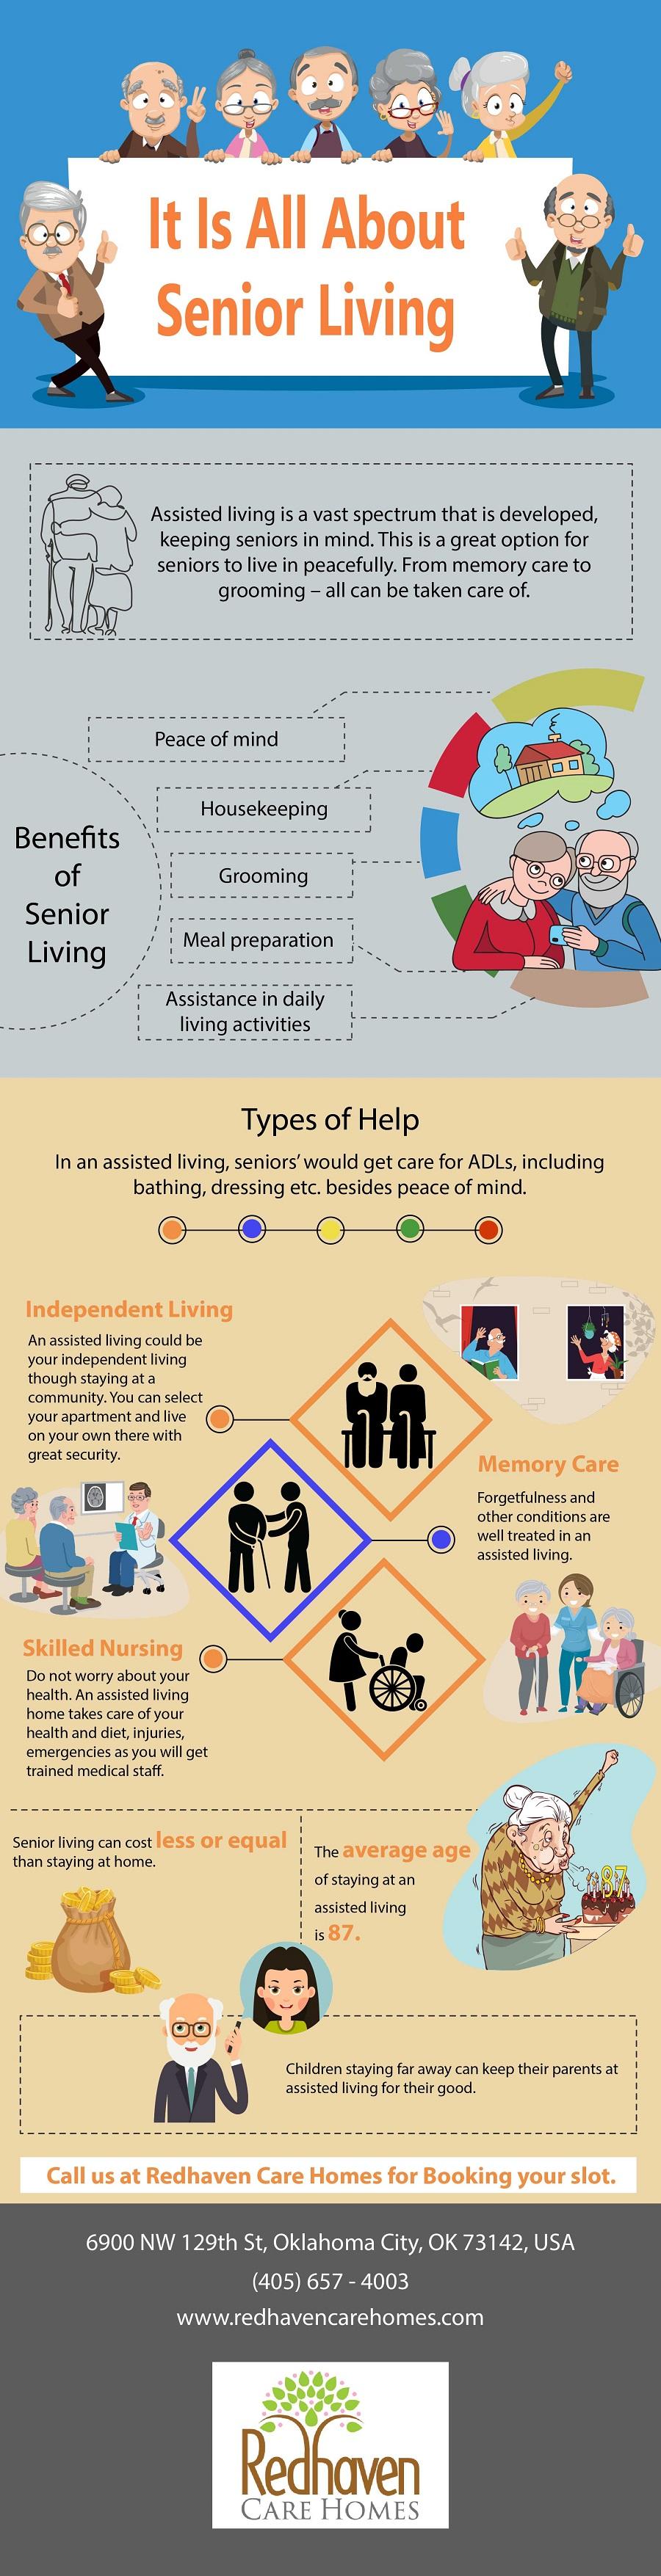 senior living infographic